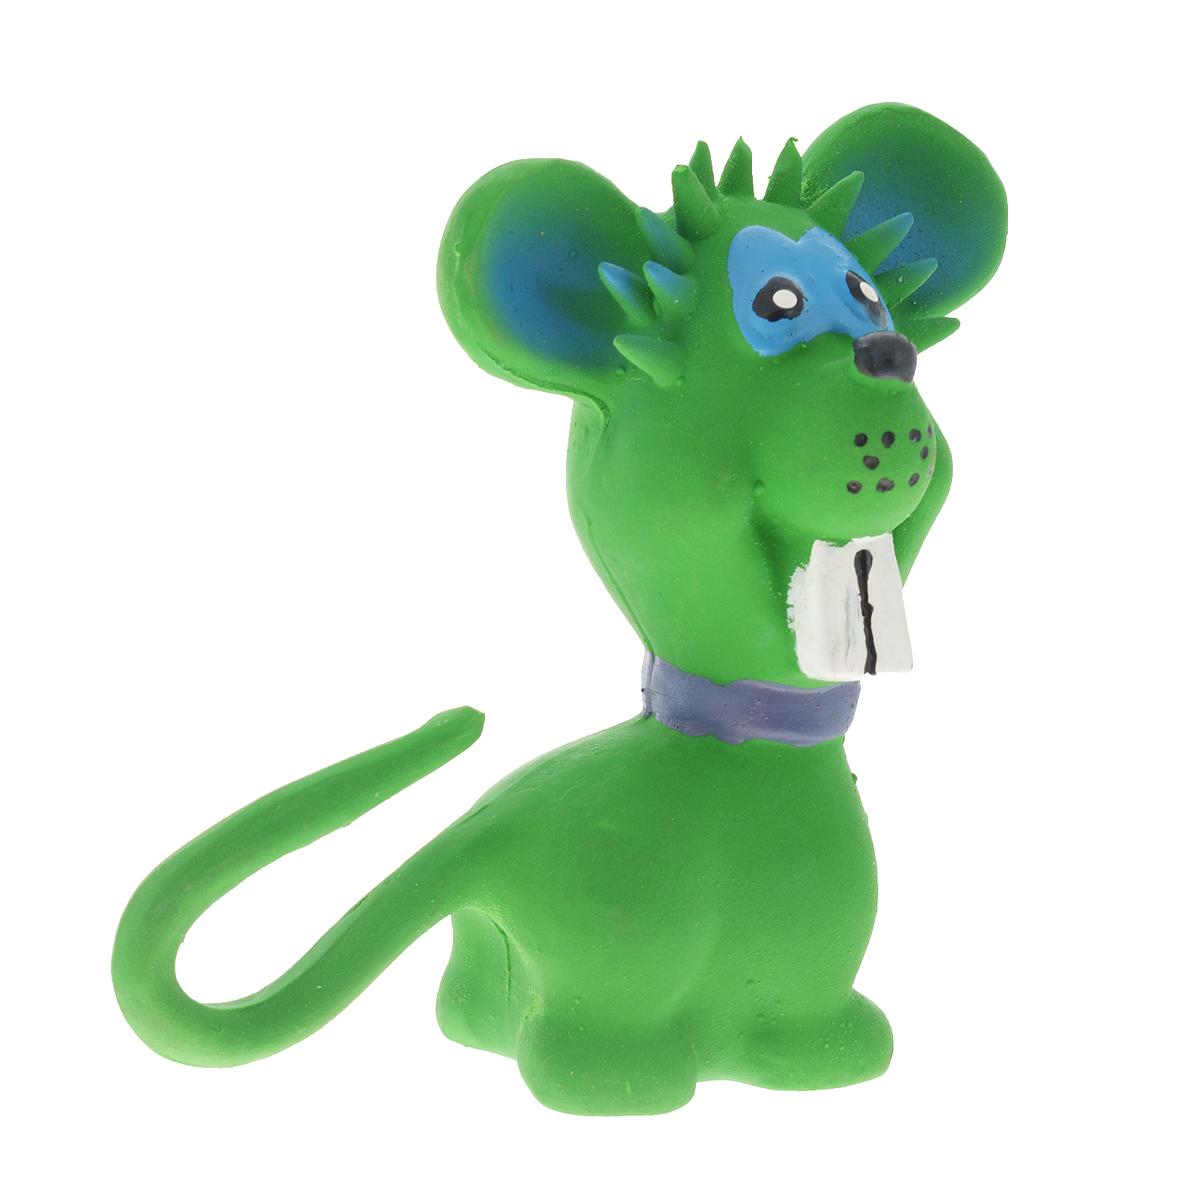 Игрушка для собак V.I.Pet Мышь, цвет: зеленый0120710Прочная игрушка V.I.Pet Мышь с пищалкой изготовлена из натурального латекса сиспользованием только безопасных, не токсичных красителей. Великолепно подходит для игры и массажа десен вашей собаки. Игрушка не позволит скучать вашему питомцу ни дома, ни на улице.